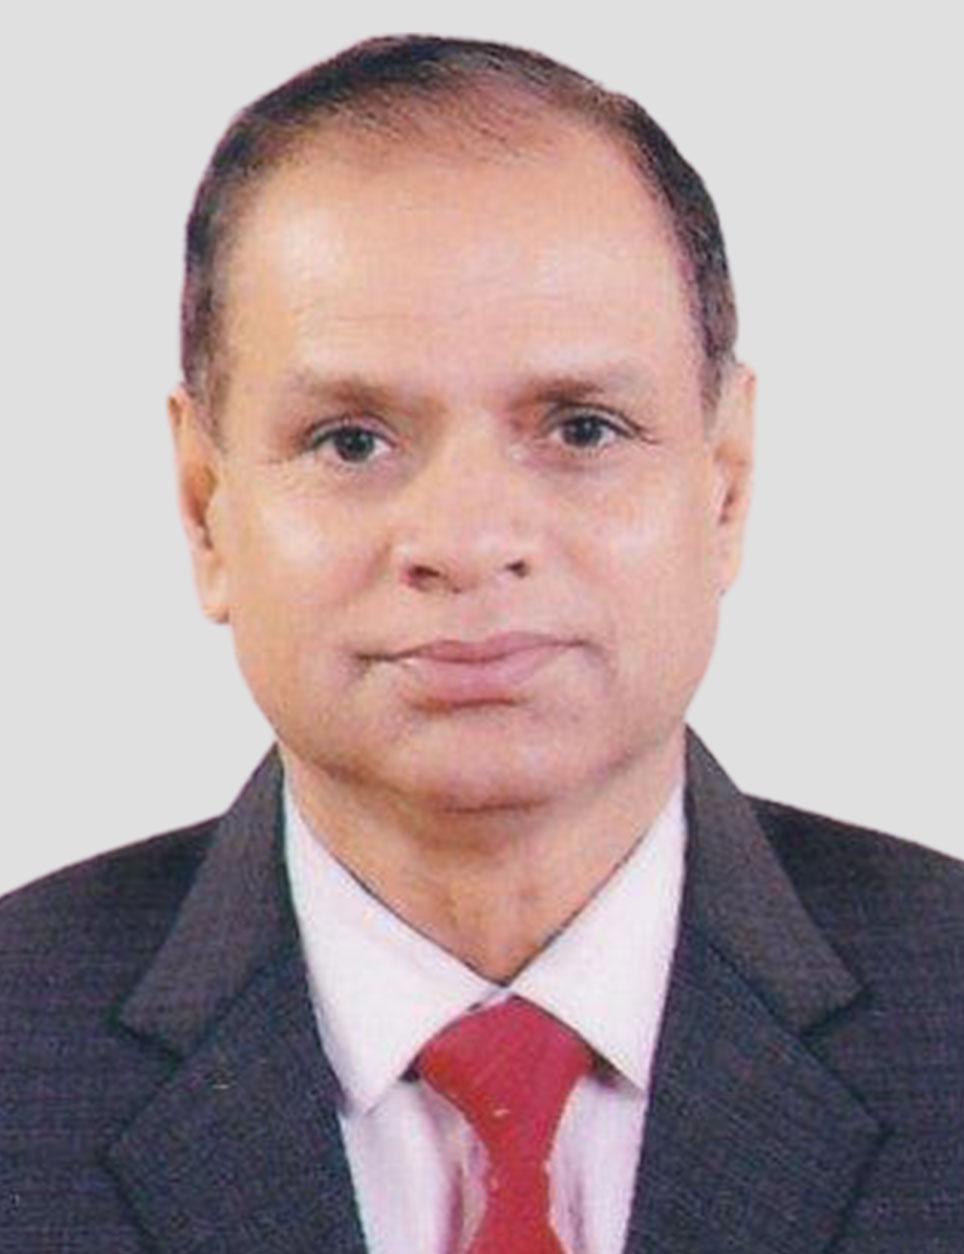 Mr. Rishiram Gautam